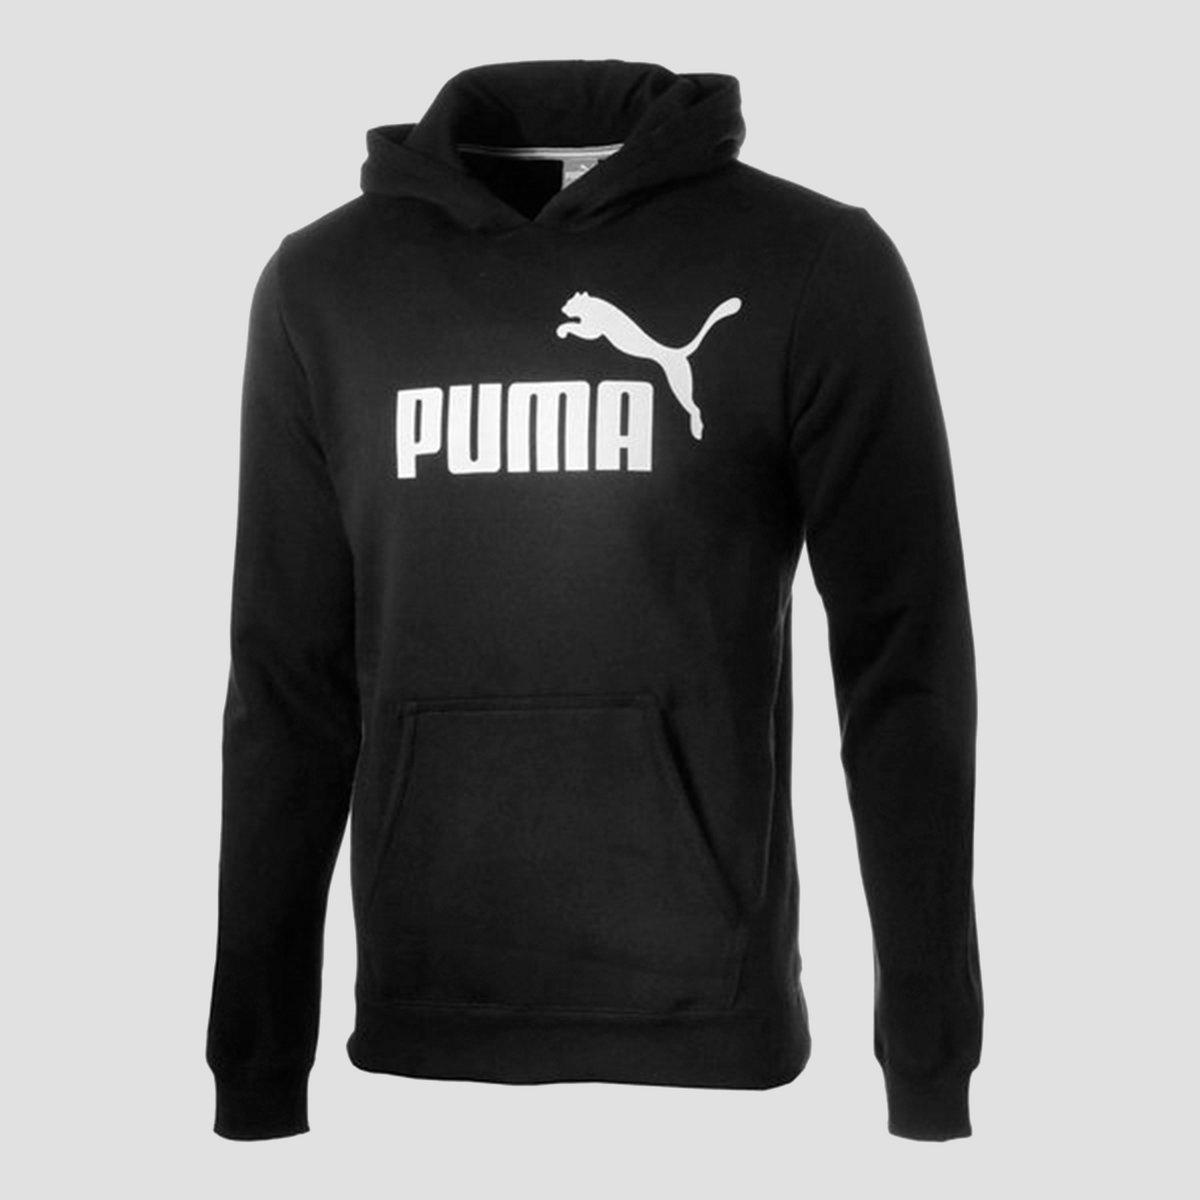 PUMA kids hoodie (maat 140) voor €4,50 + 50% korting op 2e artikel @ Perry Sport